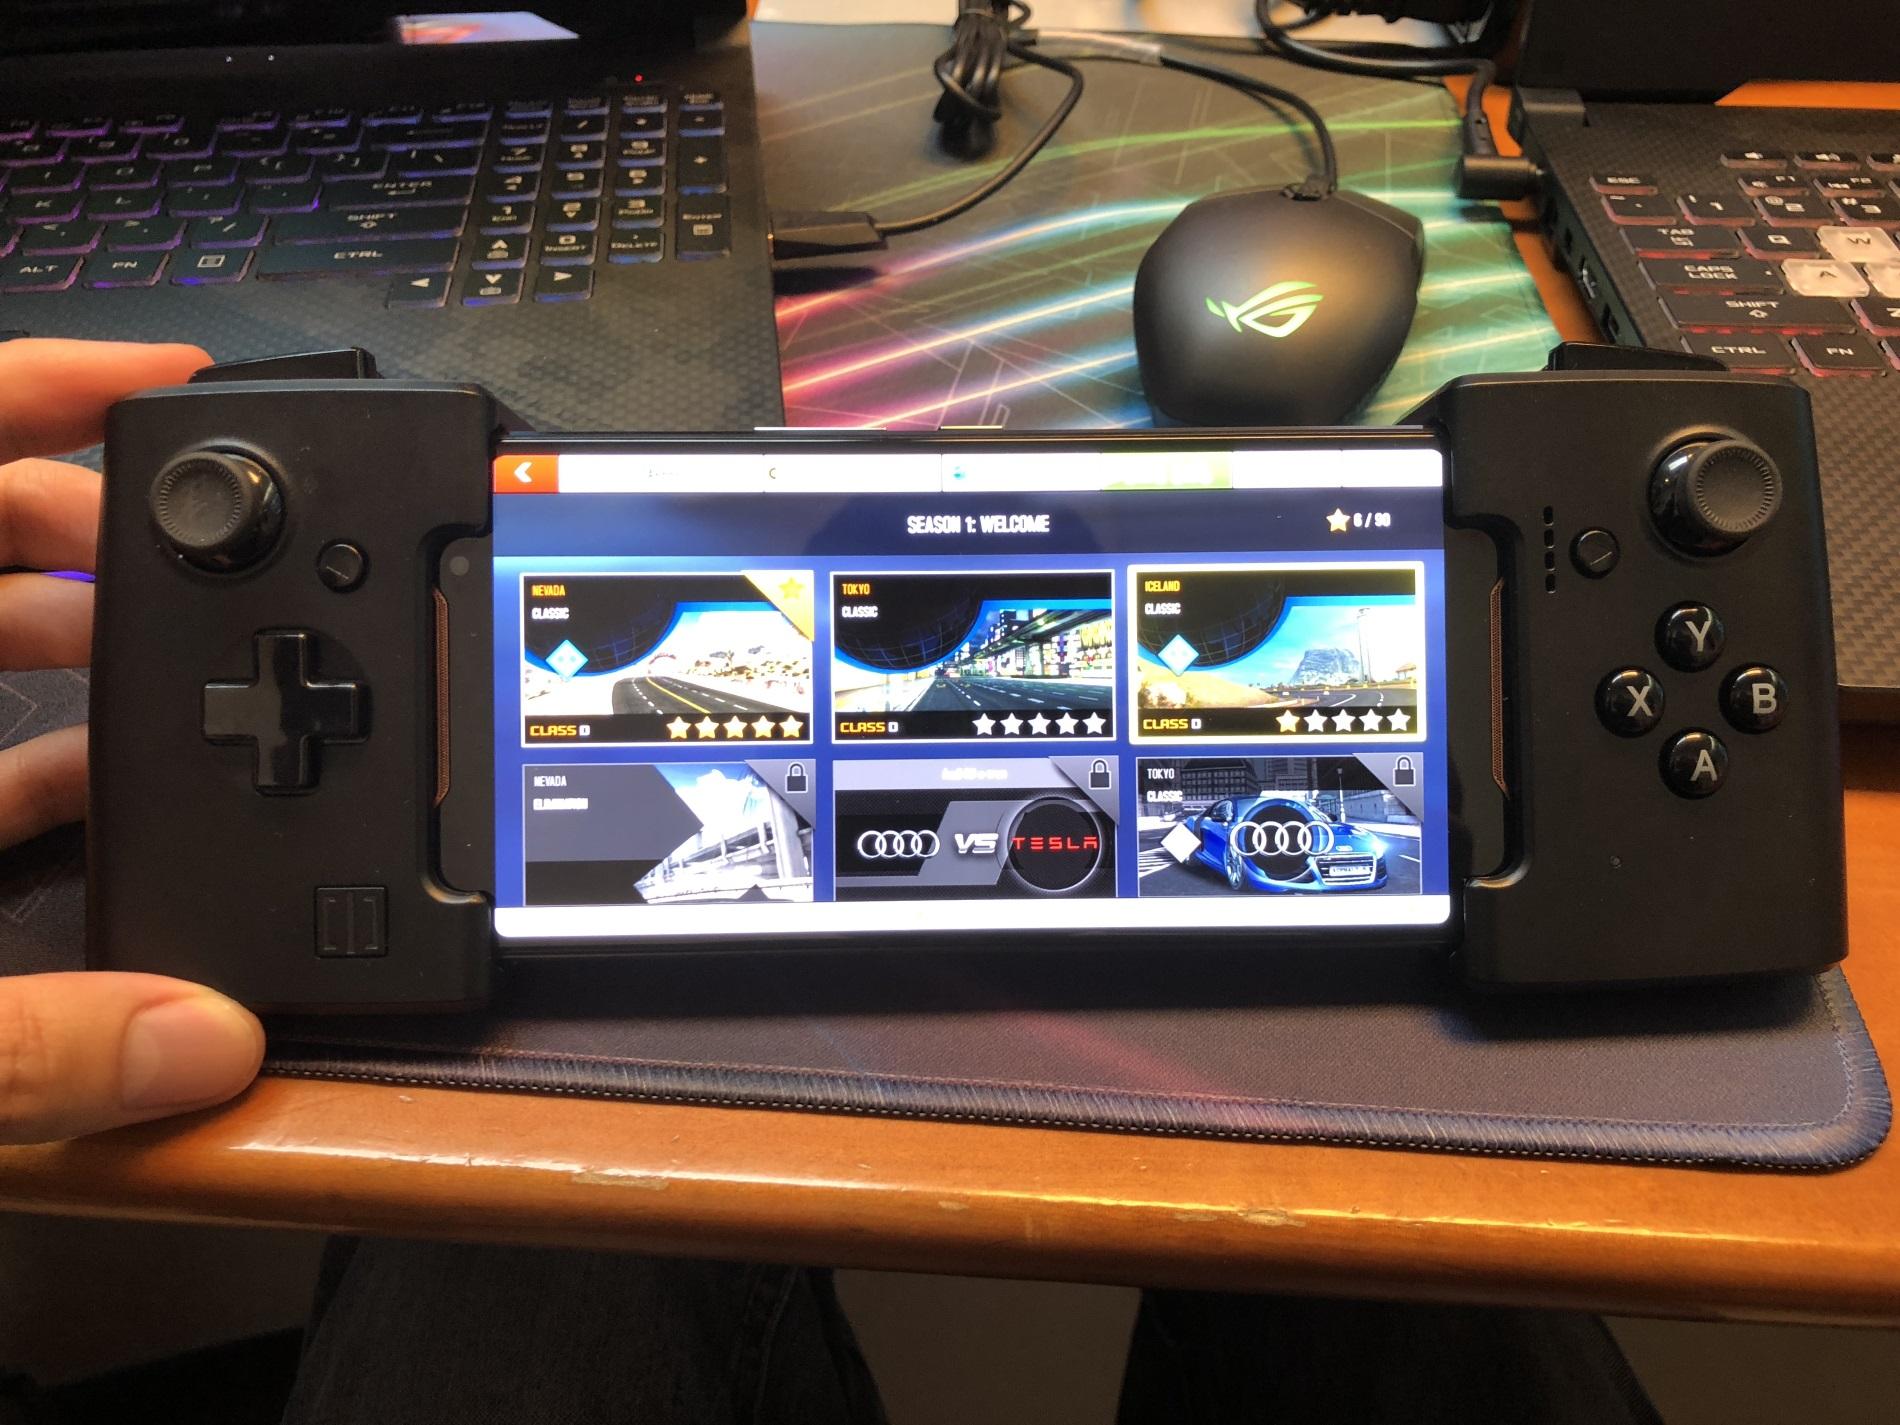 Asus ROG Phone : le smartphone gamer a droit à une période de sortie en France